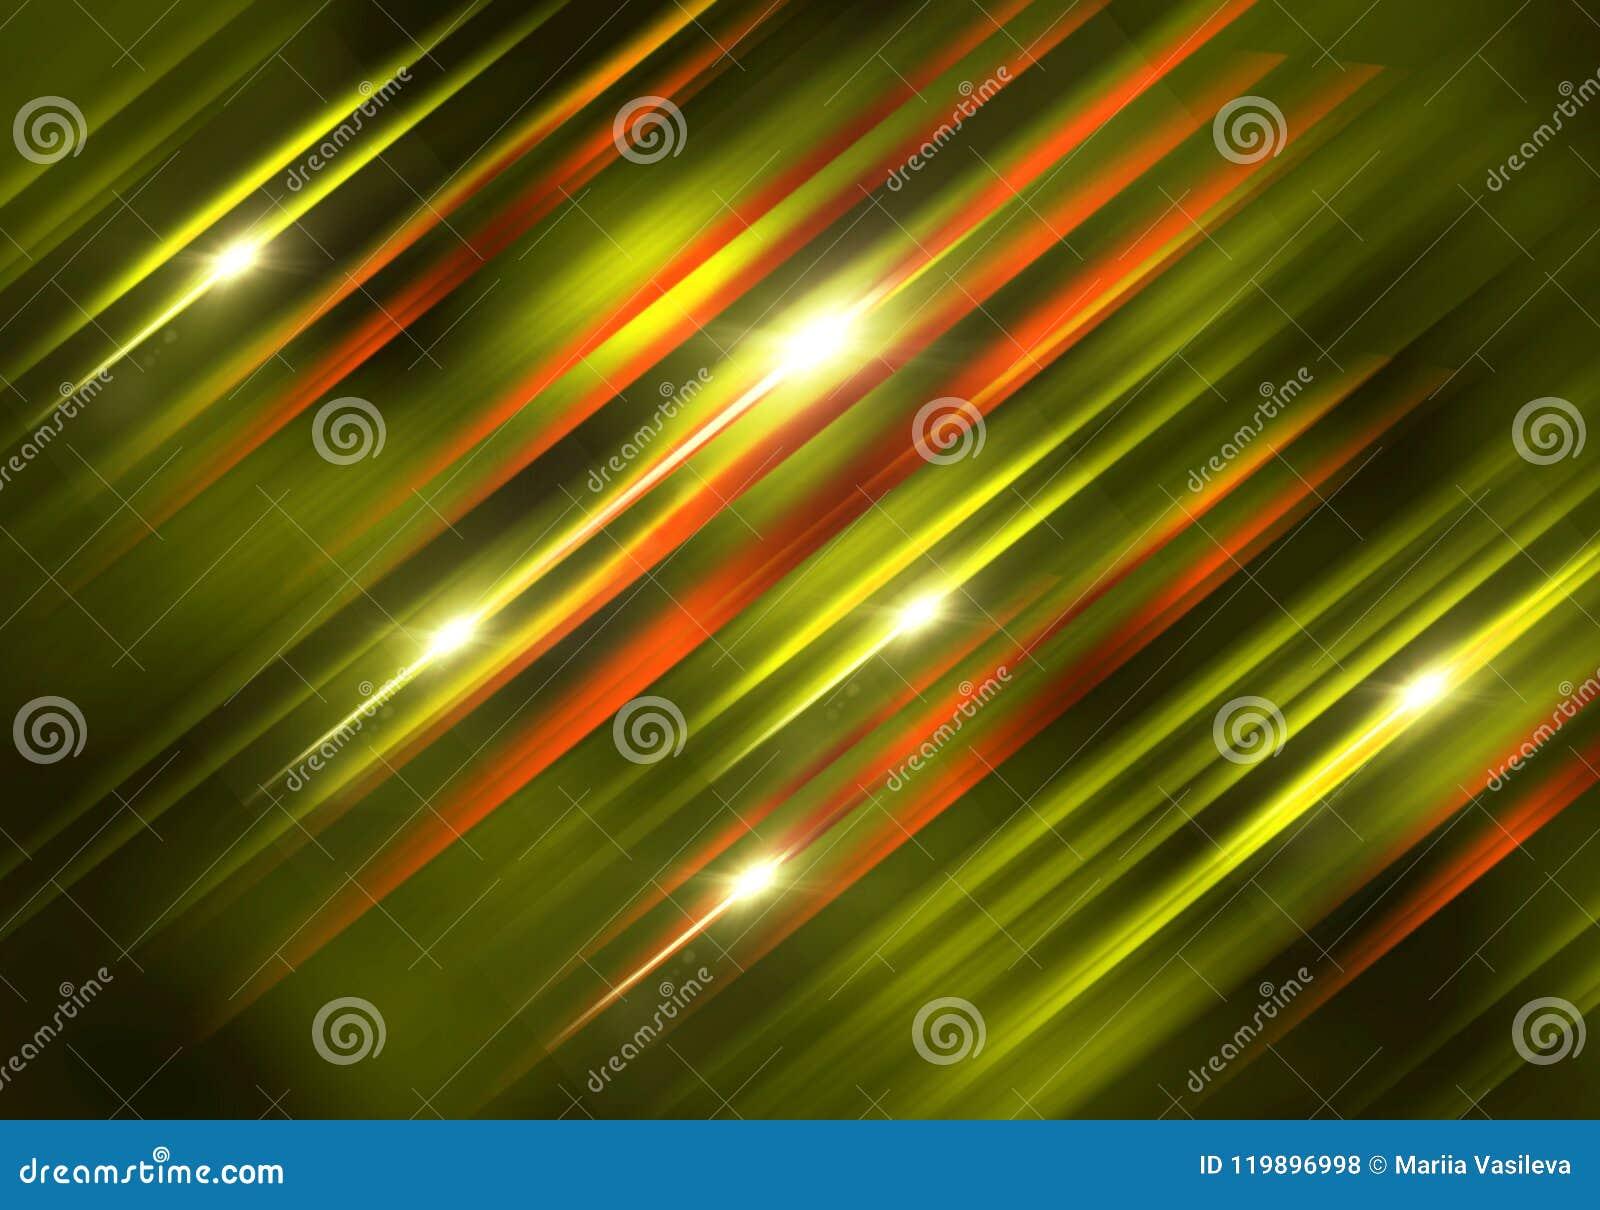 Abstract Diagonal Background Green Orange Yellow On Black, Gli Stock ...